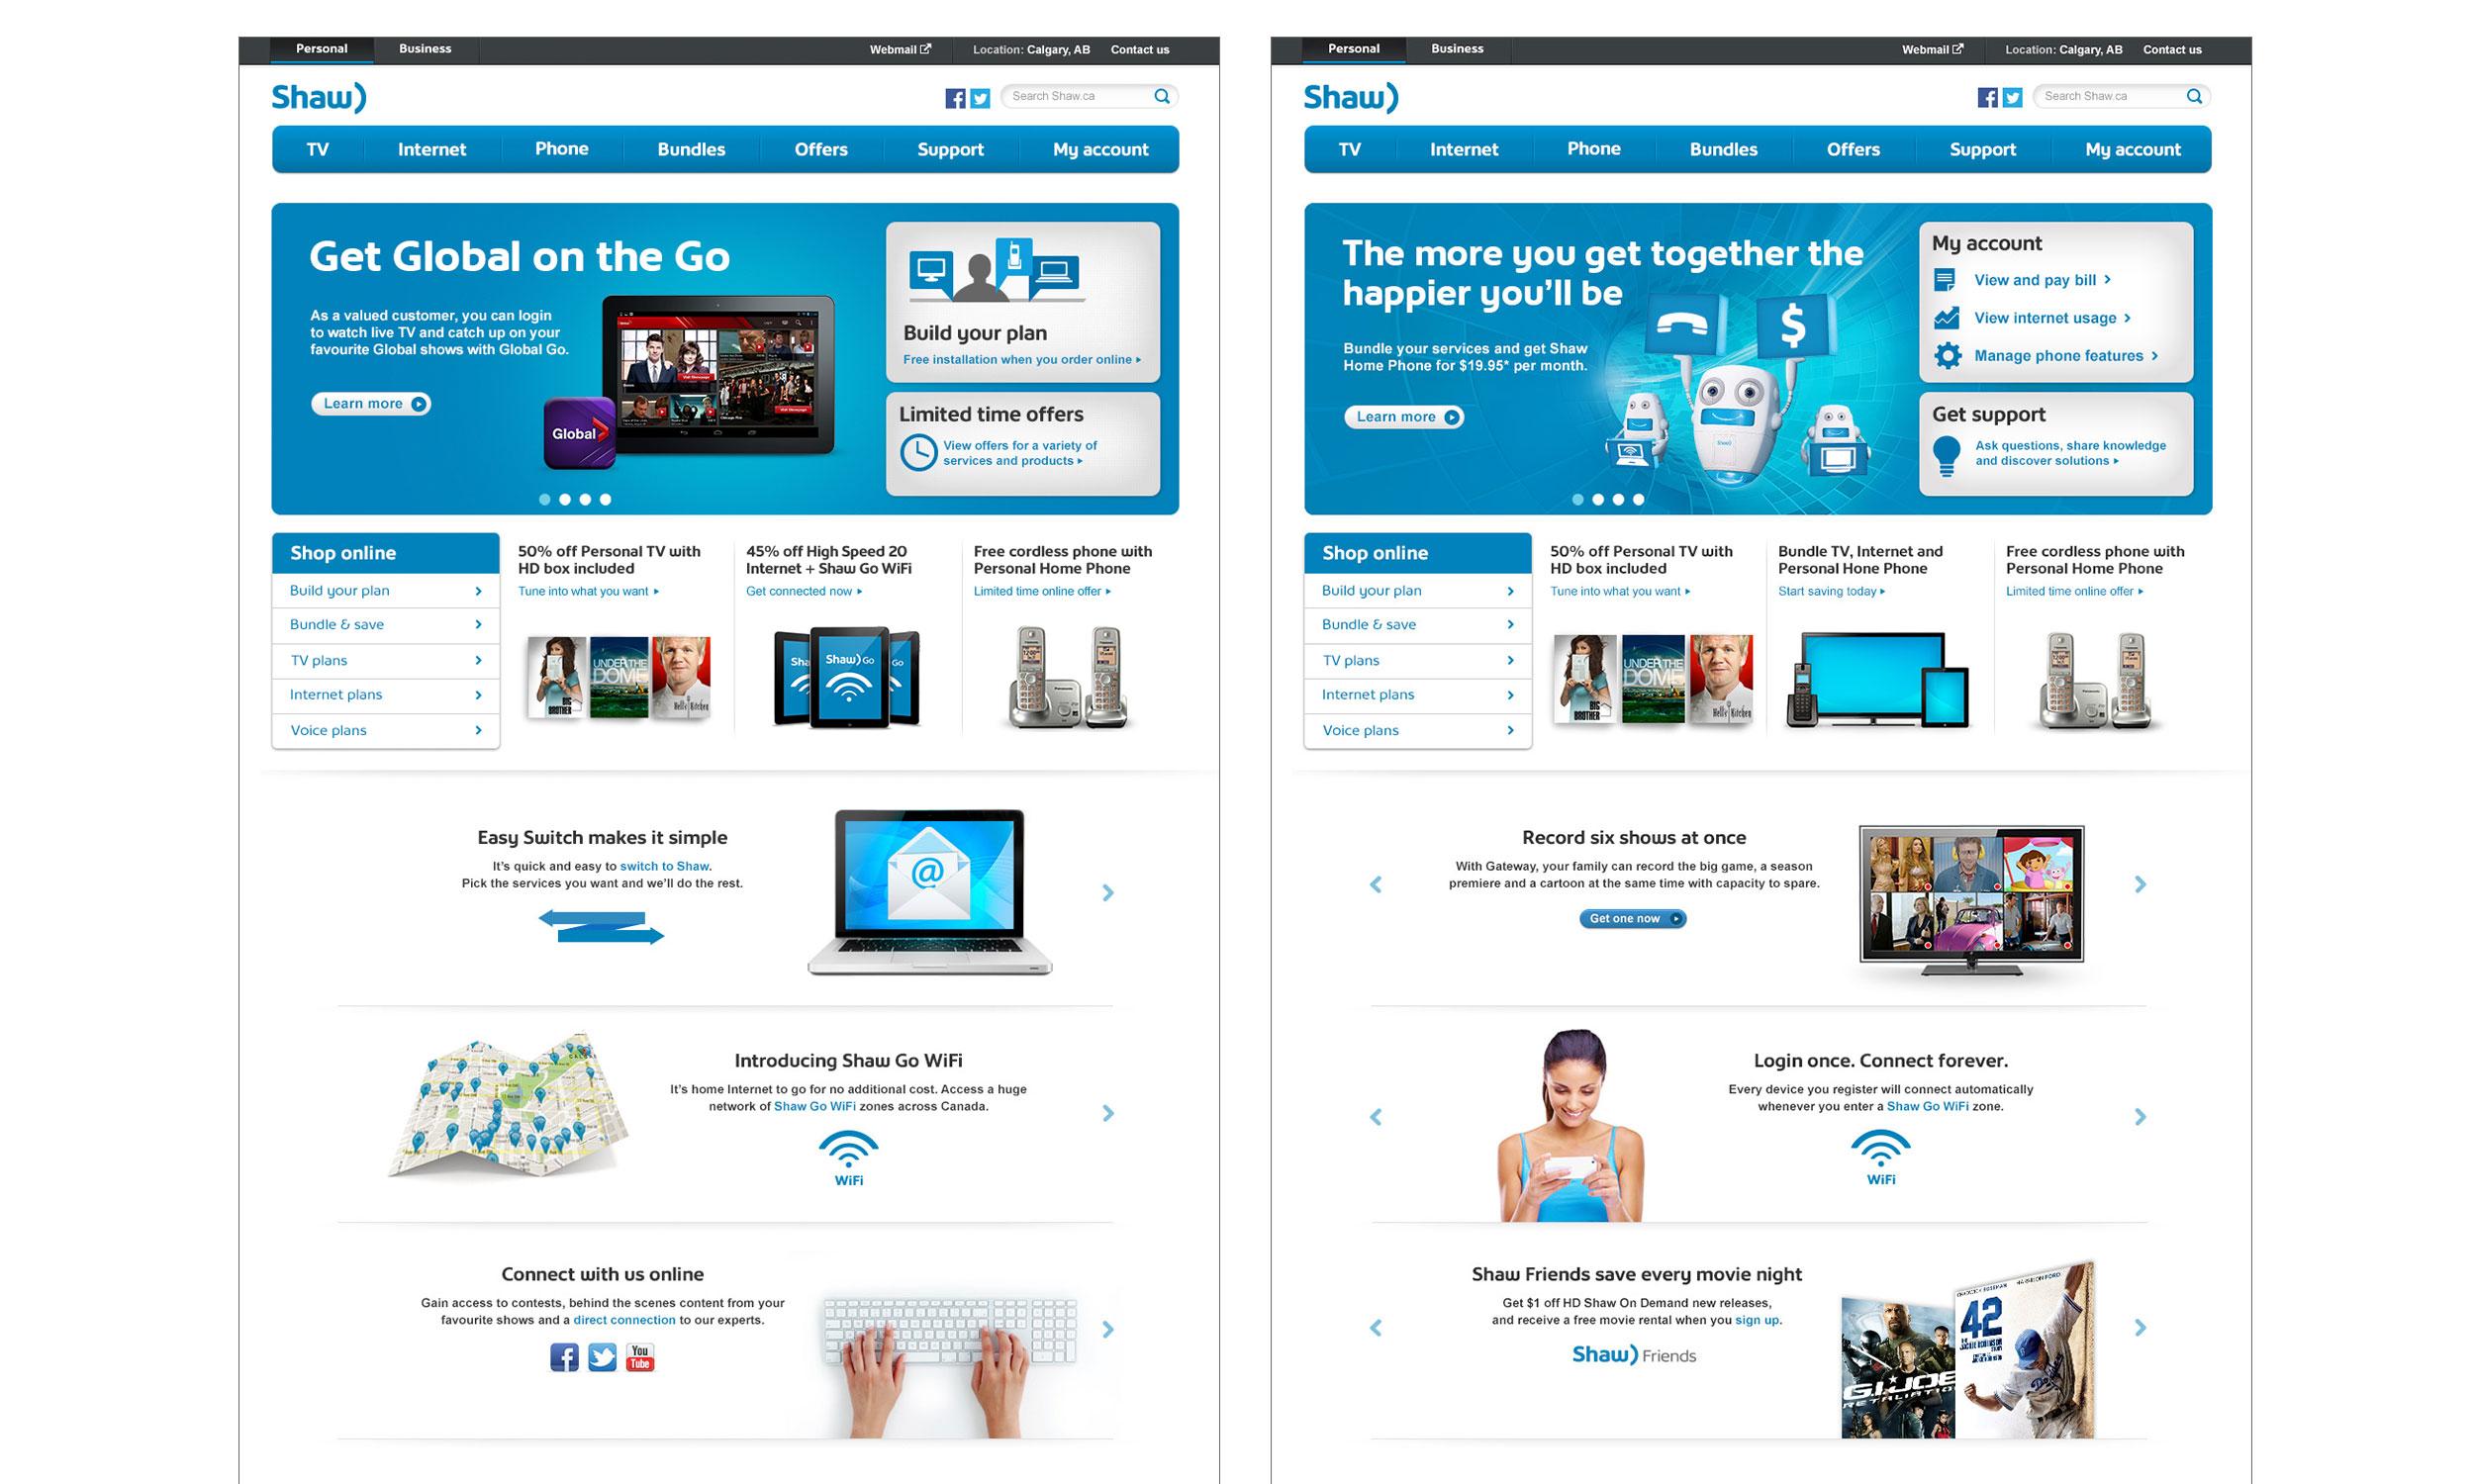 Web Design: Shaw Homepage — Lauren Moggach